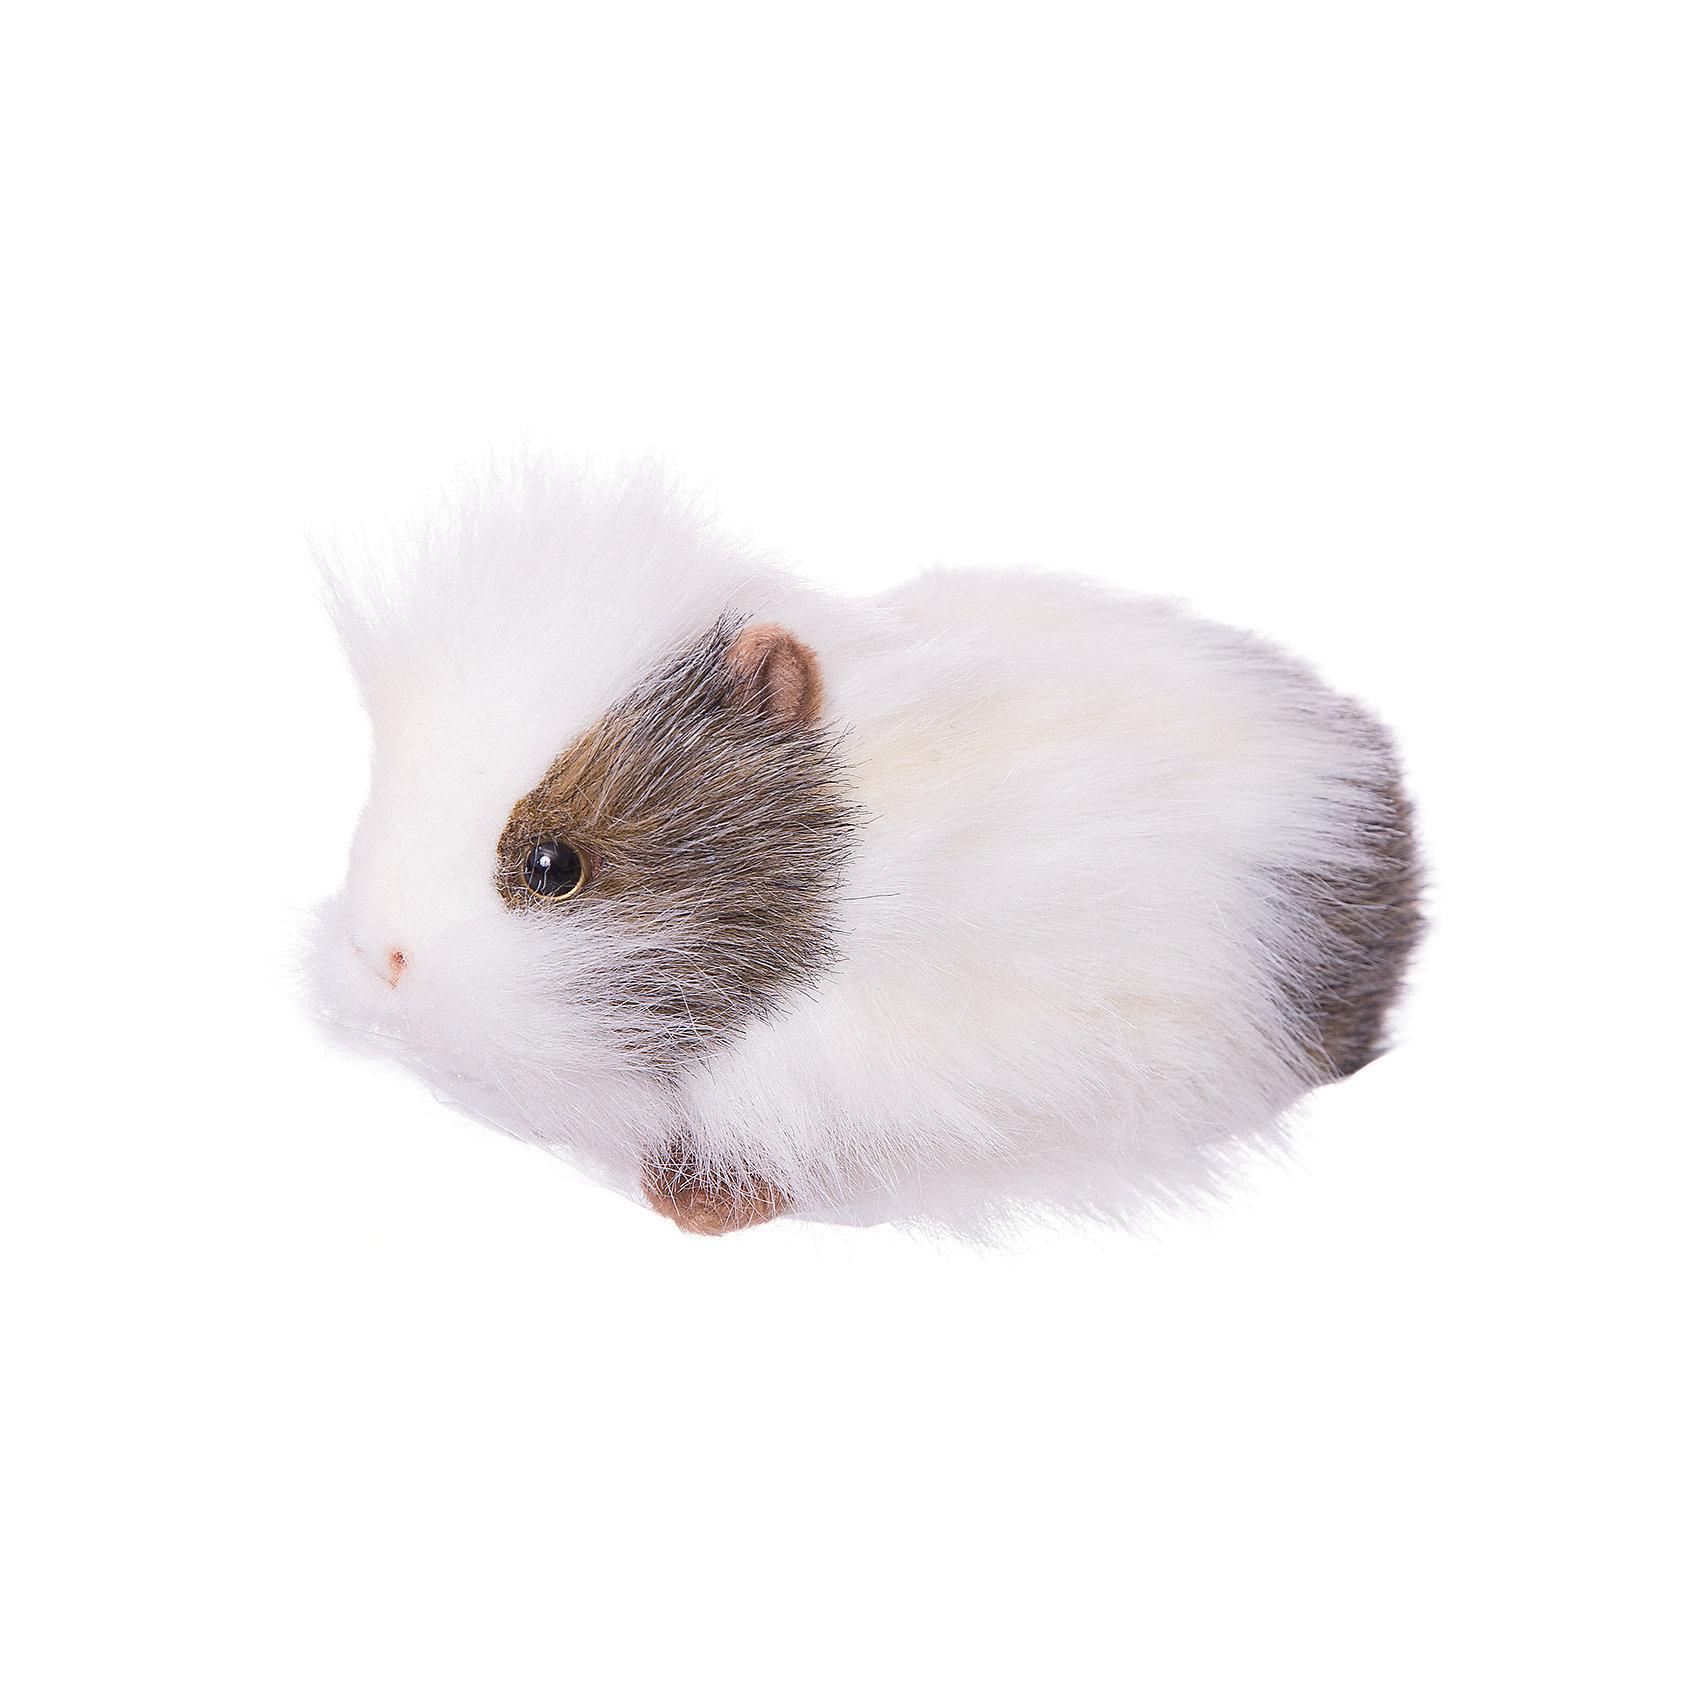 Морская свинка белая, 20 см ДМорская свинка белая, 20 см Д – игрушка от знаменитого бренда Hansa, специализирующегося на выпуске мягких игрушек с высокой степенью натуралистичности. Внешний вид игрушки полностью соответствует своему реальному прототипу – морской свинке. Она выполнена из искусственного меха с длинным ворсом. Окрас игрушки полностью повторяет окраску настоящего животного: сочетание темных и белых оттенков. Использованные материалы обладают гипоаллергенными свойствами. Внутри игрушки имеется металлический каркас, позволяющий изменять положение. <br>Игрушка относится к сериям Домашние животные и Дикие животные. <br>Мягкие игрушки от Hansa подходят для сюжетно-ролевых игр, для обучающих игр, направленных на знакомство с животным миром дикой природы. Кроме того, их можно использовать в качестве интерьерных игрушек. Коллекция из нескольких игрушек позволяет создать свой домашний зоопарк, который будет радовать вашего ребенка долгое время, так как ручная работа и качественные материалы гарантируют их долговечность и прочность.<br><br>Дополнительная информация:<br><br>- Вид игр: сюжетно-ролевые игры, коллекционирование, интерьерные игрушки<br>- Предназначение: для дома, для детских развивающих центров, для детских садов<br>- Материал: искусственный мех, наполнитель ? полиэфирное волокно<br>- Размер (ДхШхВ): 20*10*9 см<br>- Вес: 360 г<br>- Особенности ухода: сухая чистка при помощи пылесоса или щетки для одежды<br><br>Подробнее:<br><br>• Для детей в возрасте: от 3 лет <br>• Страна производитель: Филиппины<br>• Торговый бренд: Hansa<br><br>Морскую свинку белую, 20 см Д можно купить в нашем интернет-магазине.<br><br>Ширина мм: 20<br>Глубина мм: 10<br>Высота мм: 9<br>Вес г: 360<br>Возраст от месяцев: 36<br>Возраст до месяцев: 2147483647<br>Пол: Унисекс<br>Возраст: Детский<br>SKU: 4927188